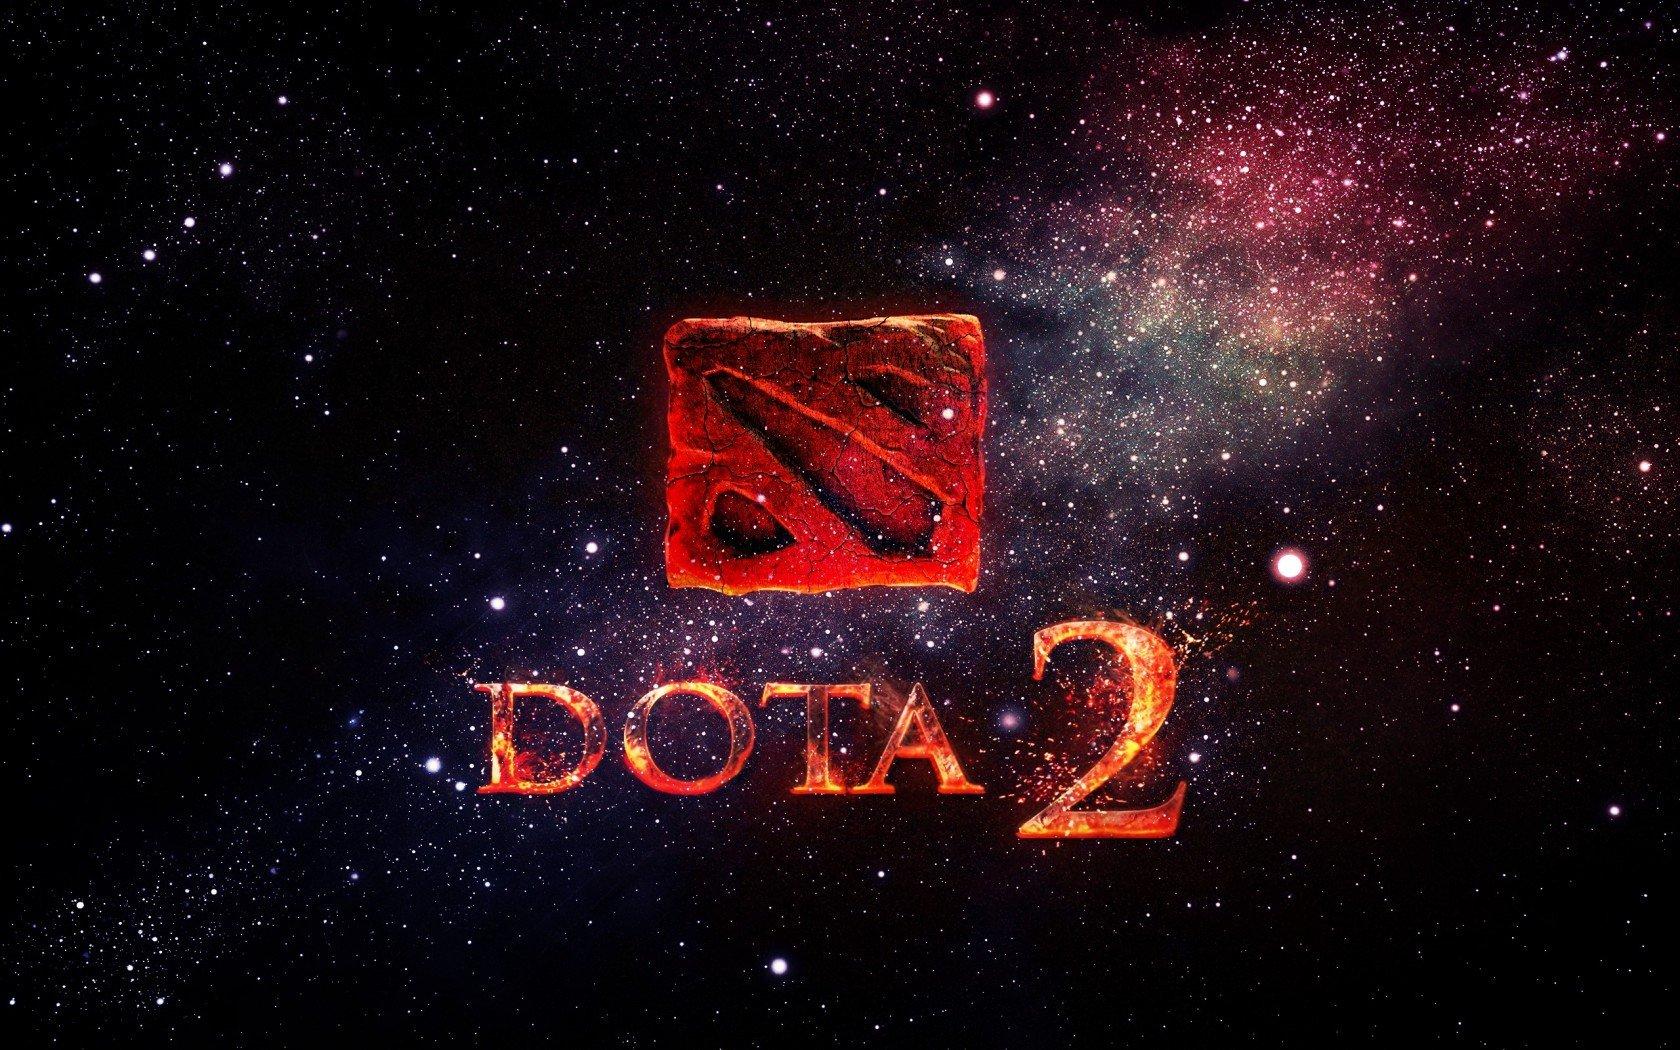 ВDota 2 упомянули нового героя поимени Mars